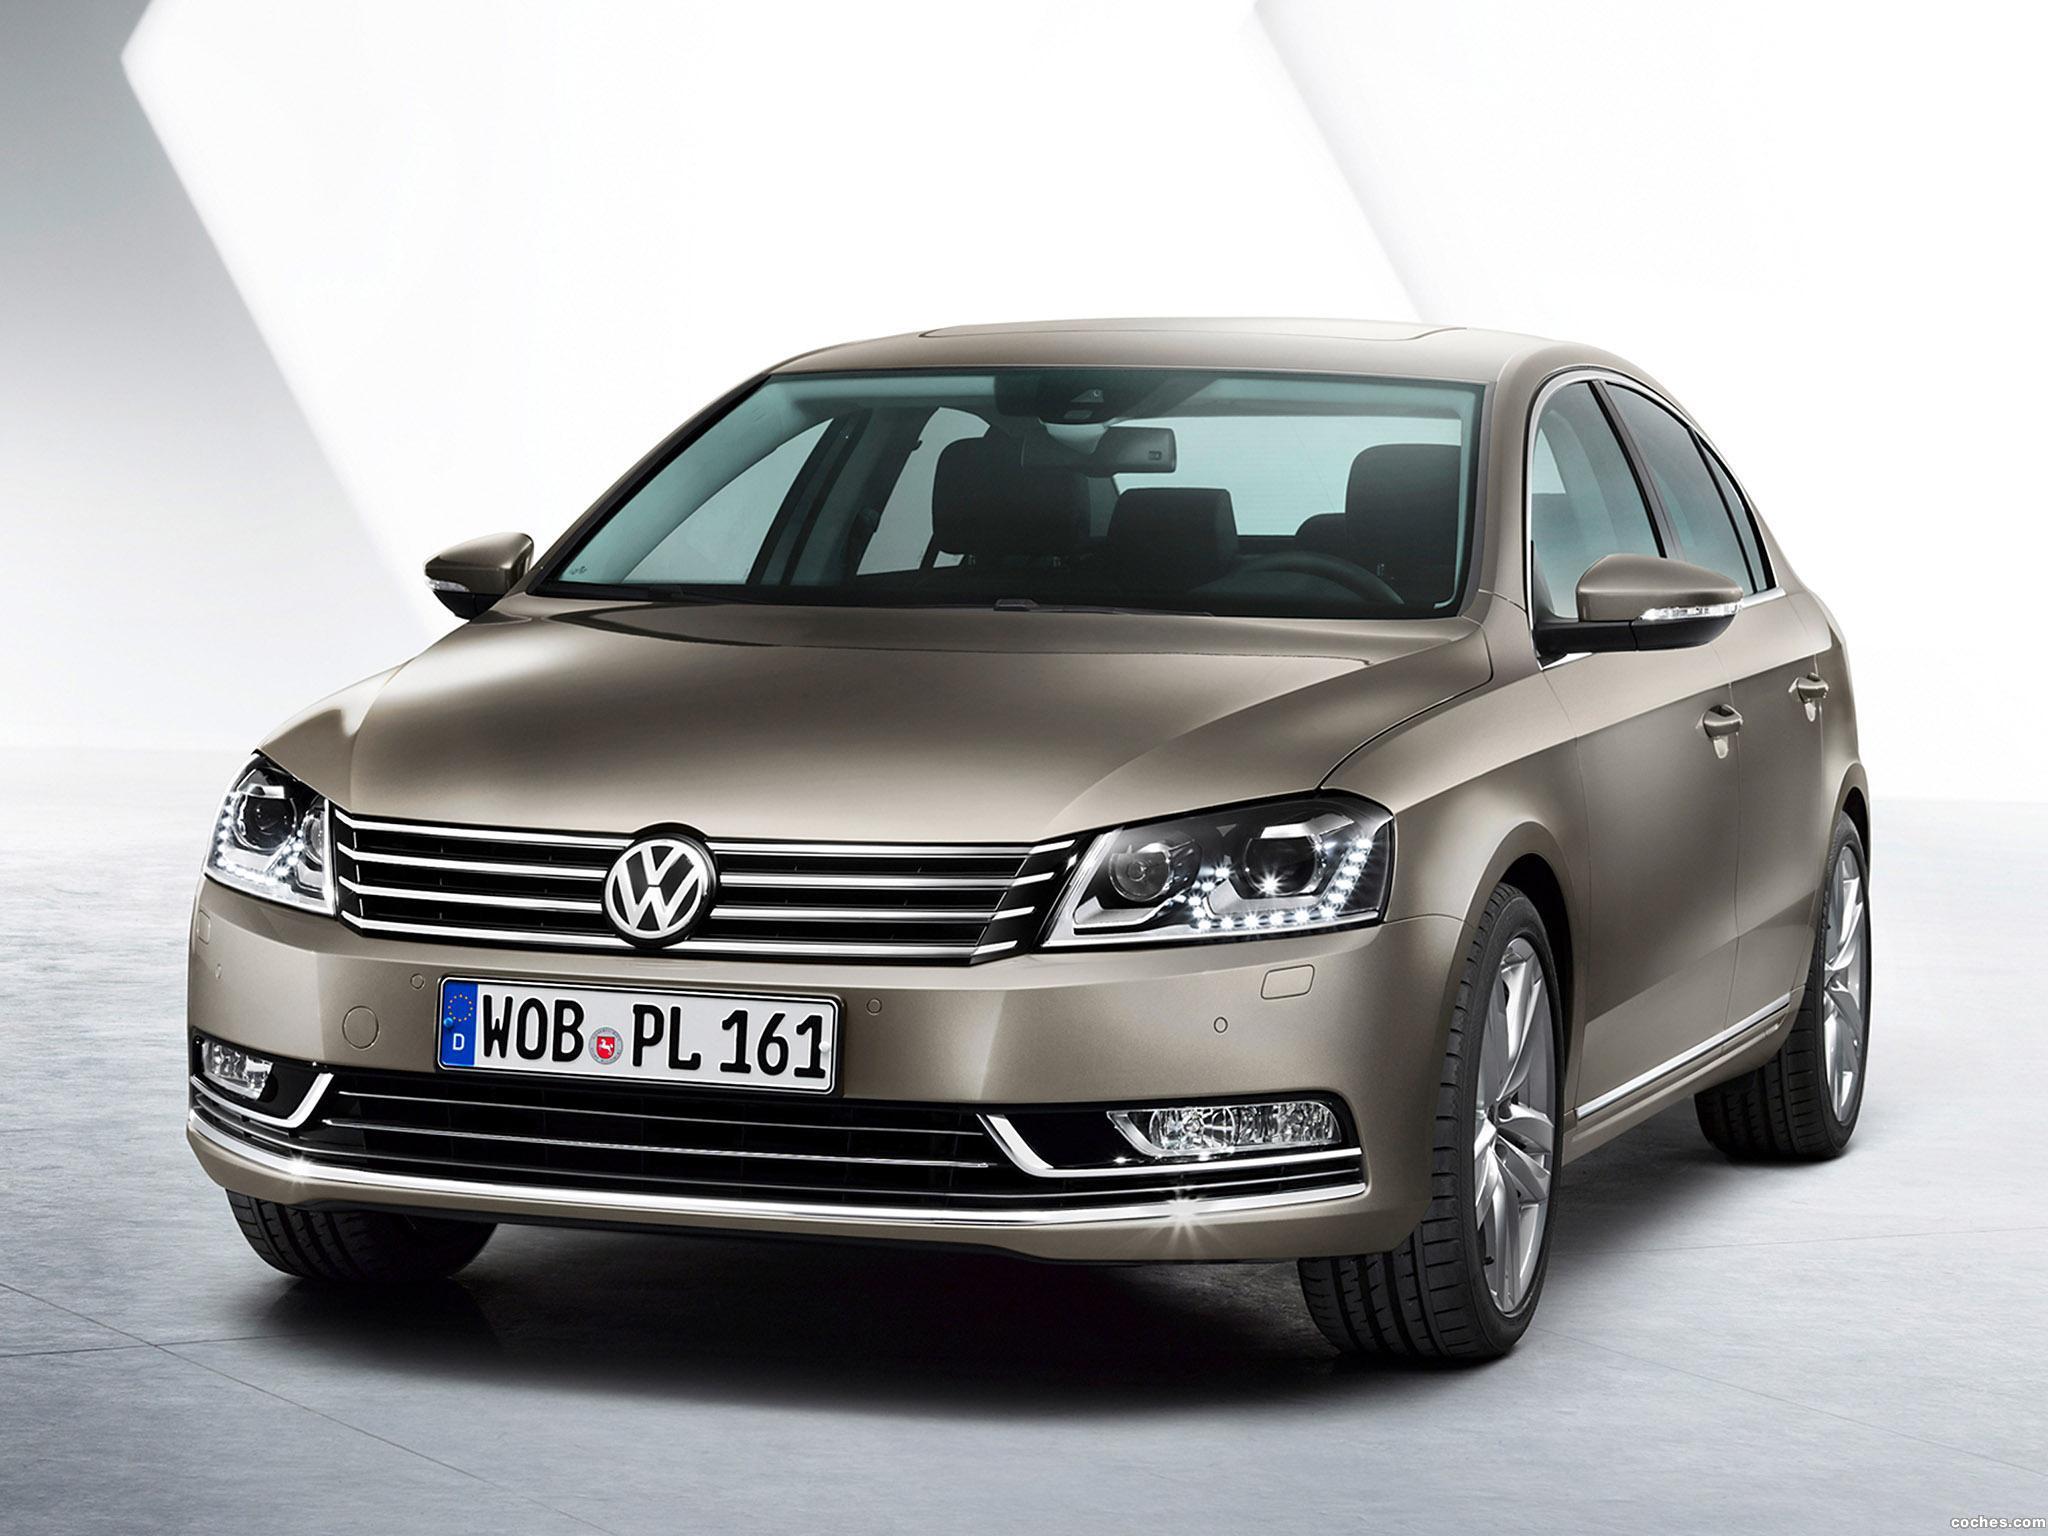 Foto 0 de Volkswagen Passat 2010